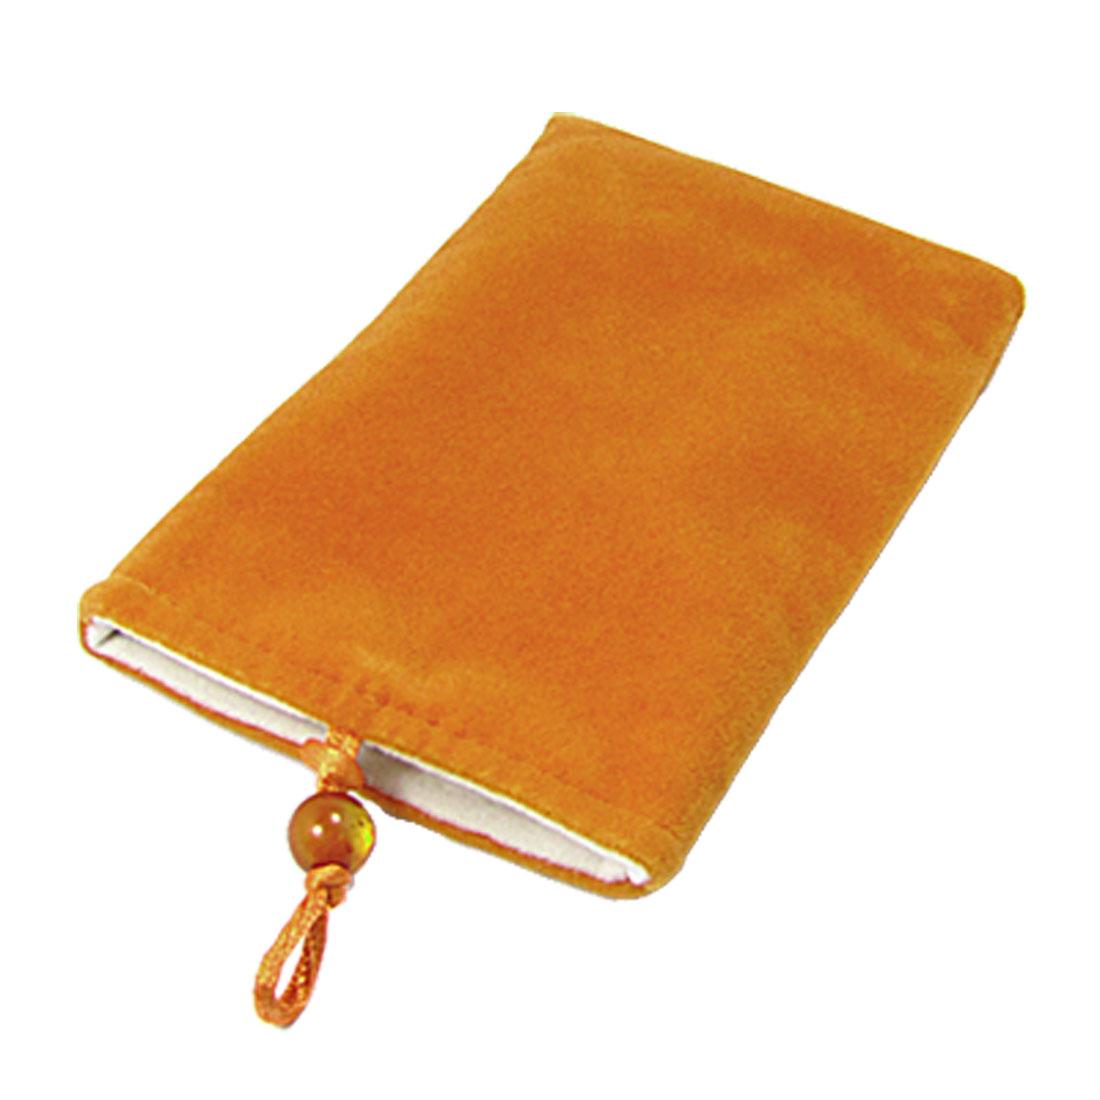 Camera MP3 MP4 Soft Plush Top Entry Design Pouch Orange